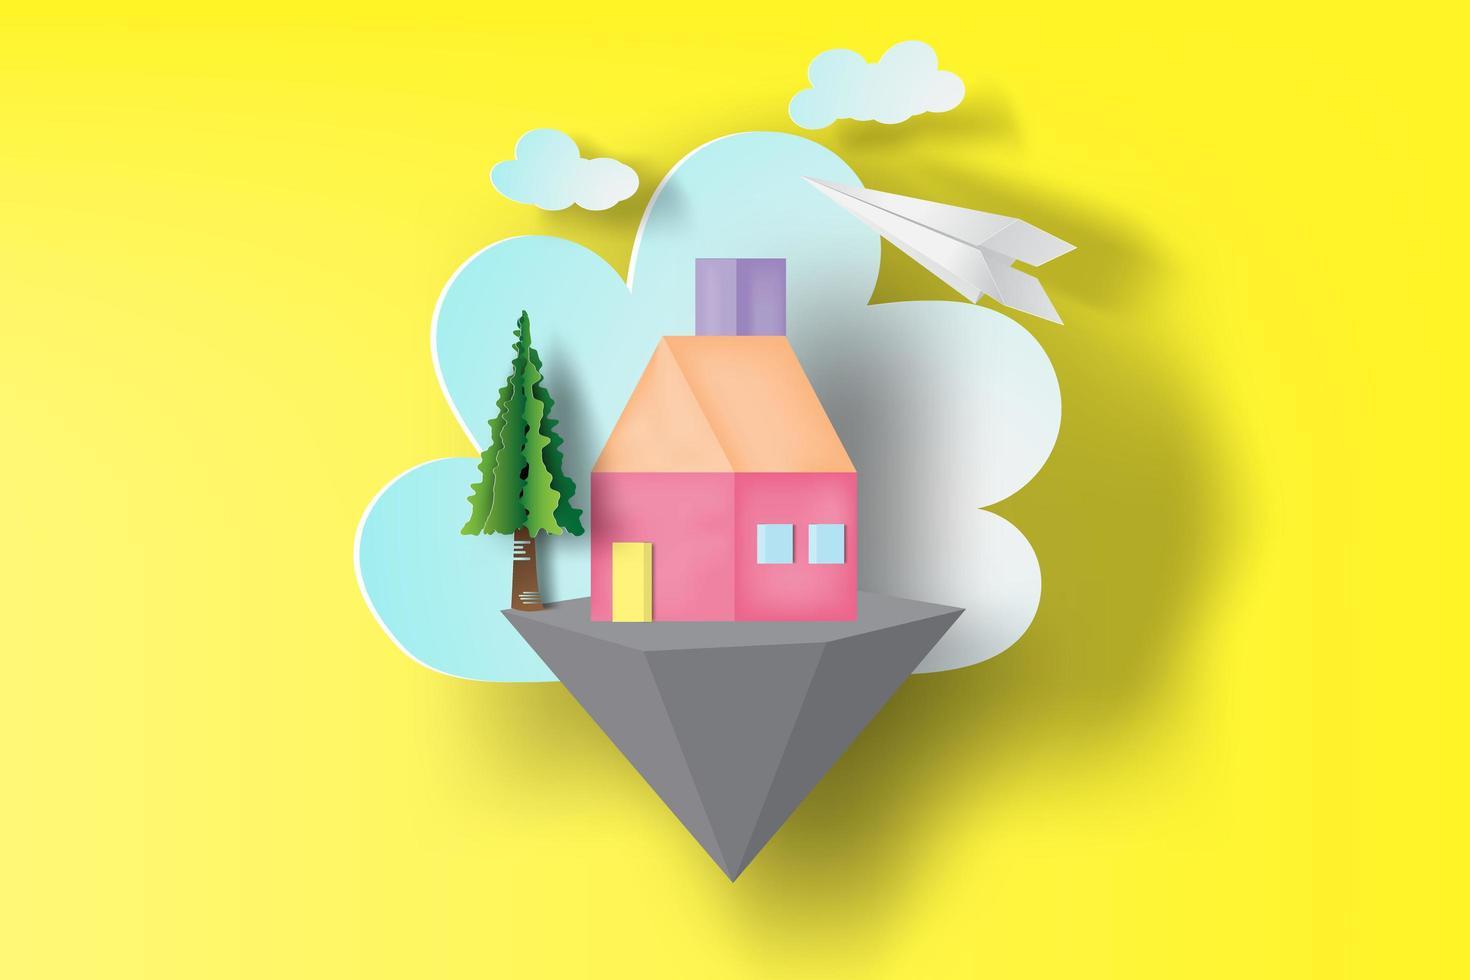 Schnitt Papier Stil Haus auf schwimmenden Insel Design vektor